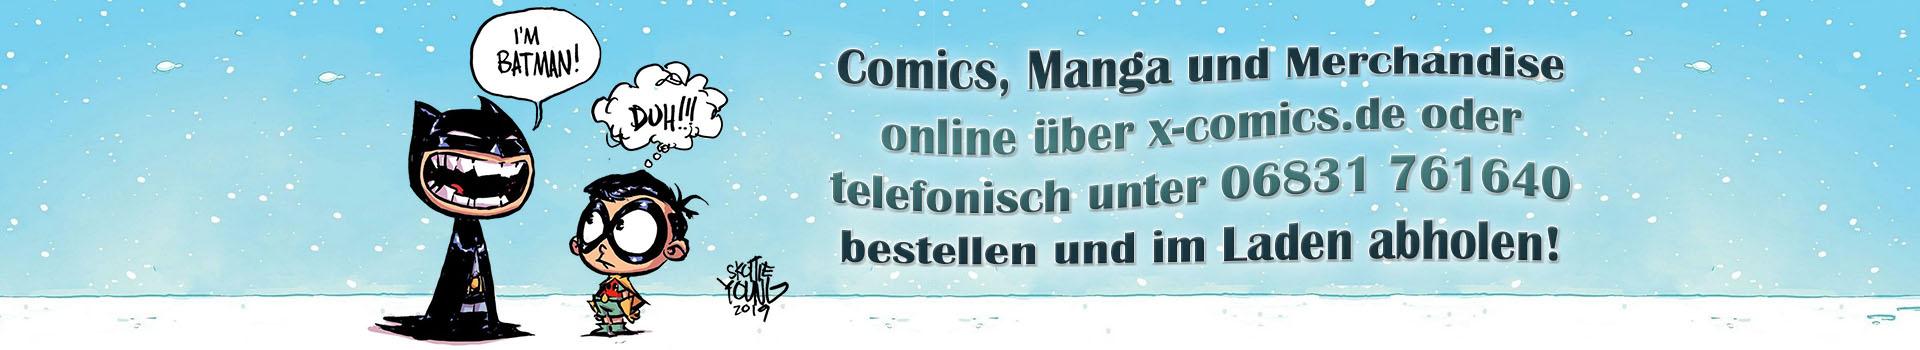 Online bestellen + bezahlen, offline abholen!